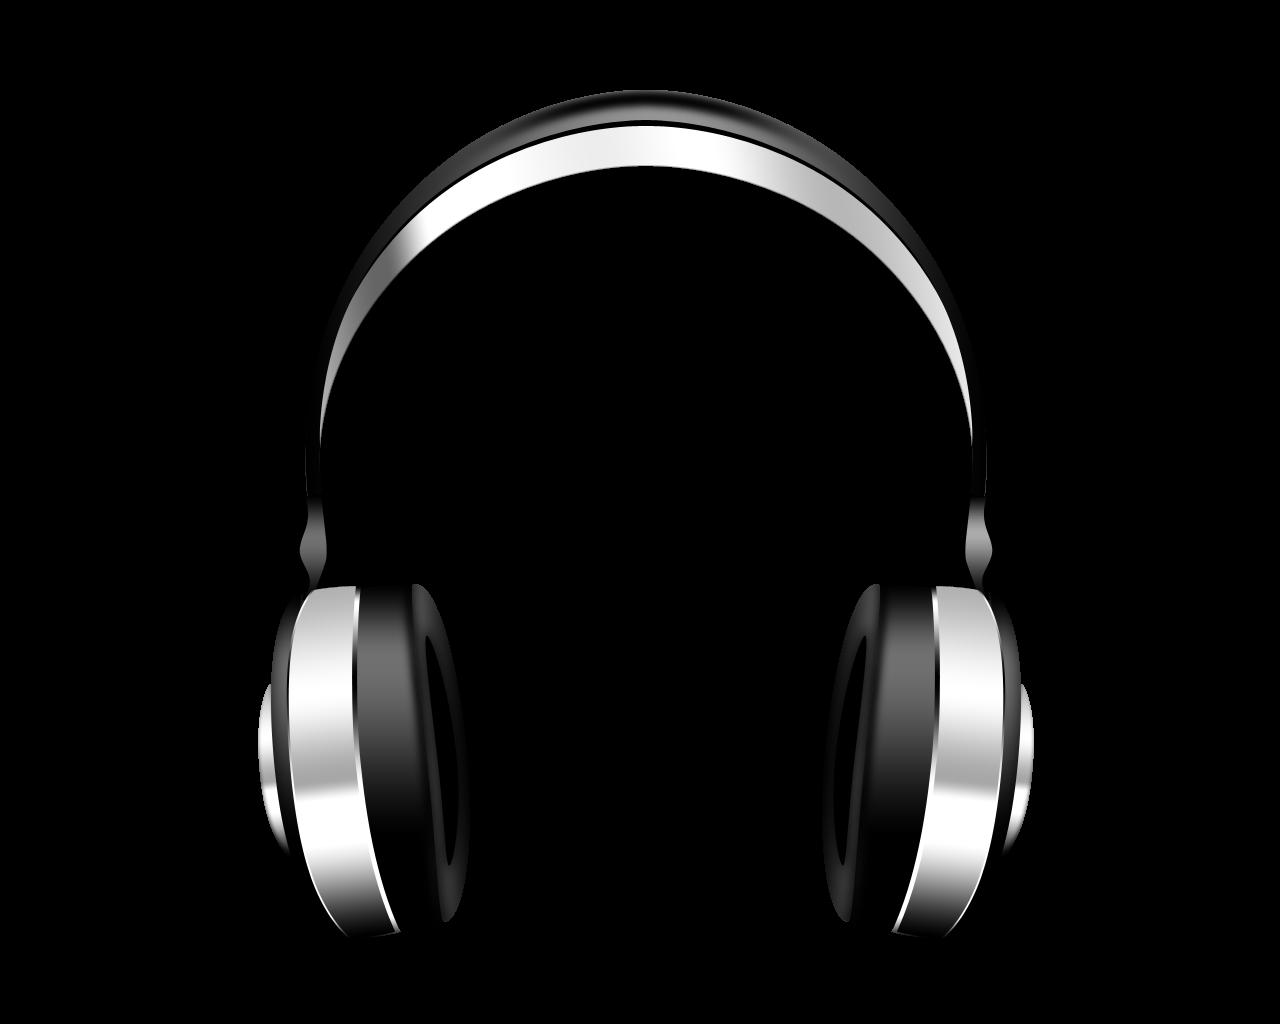 headphones_PNG7640